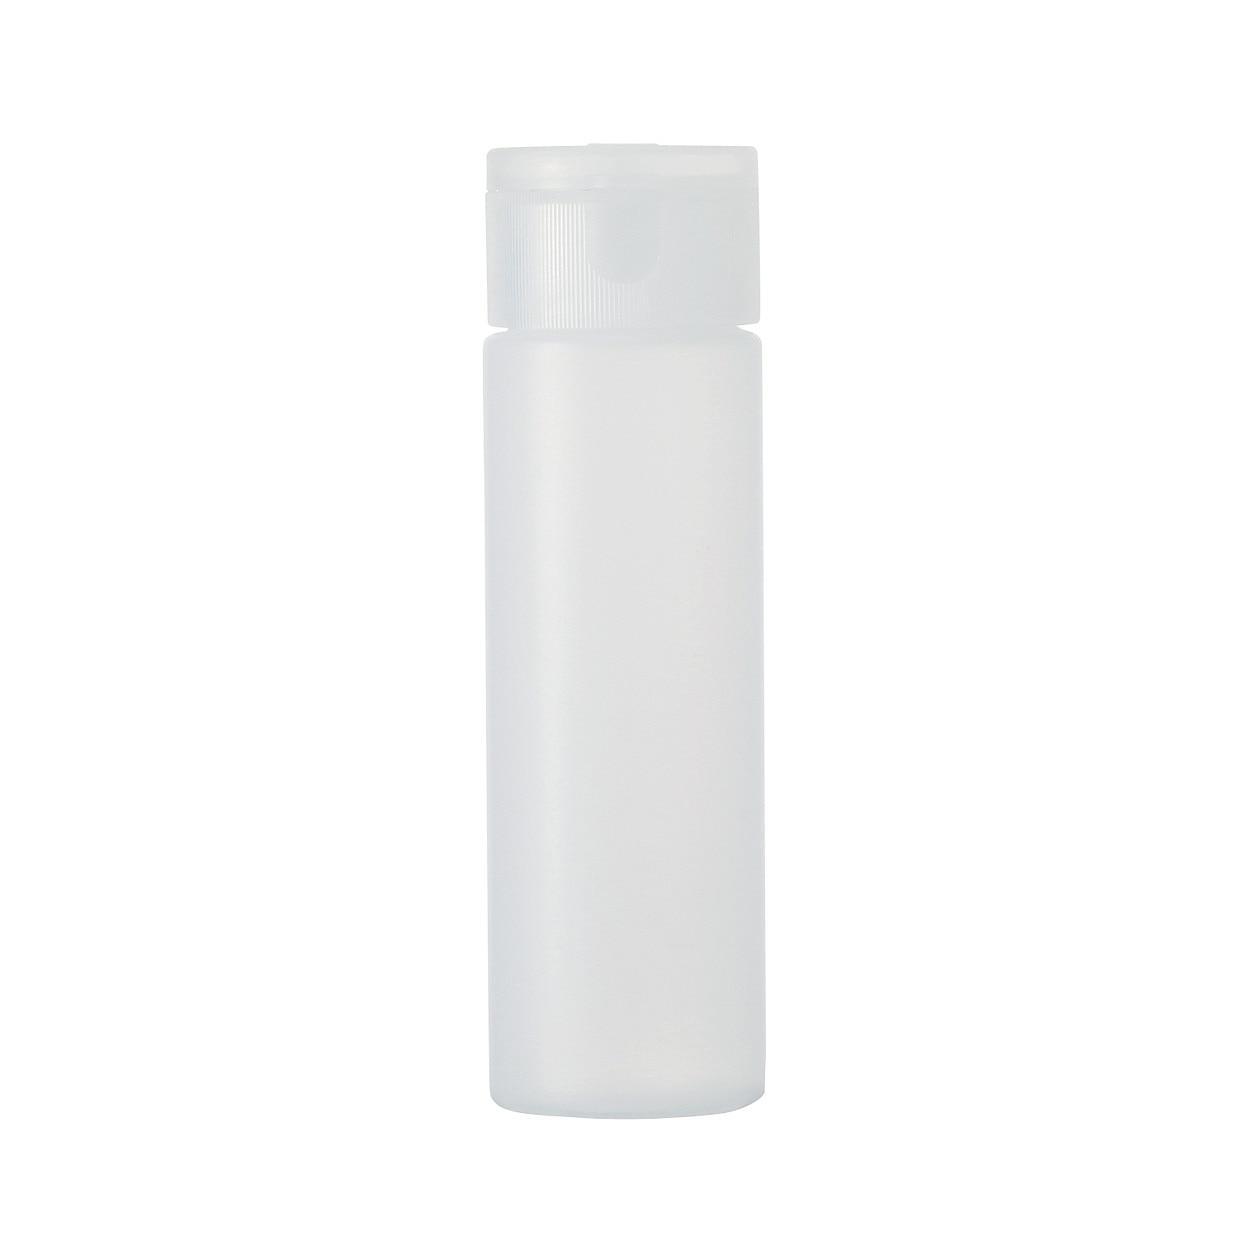 ポリエチレン小分けボトルワンタッチキャップ・50ml